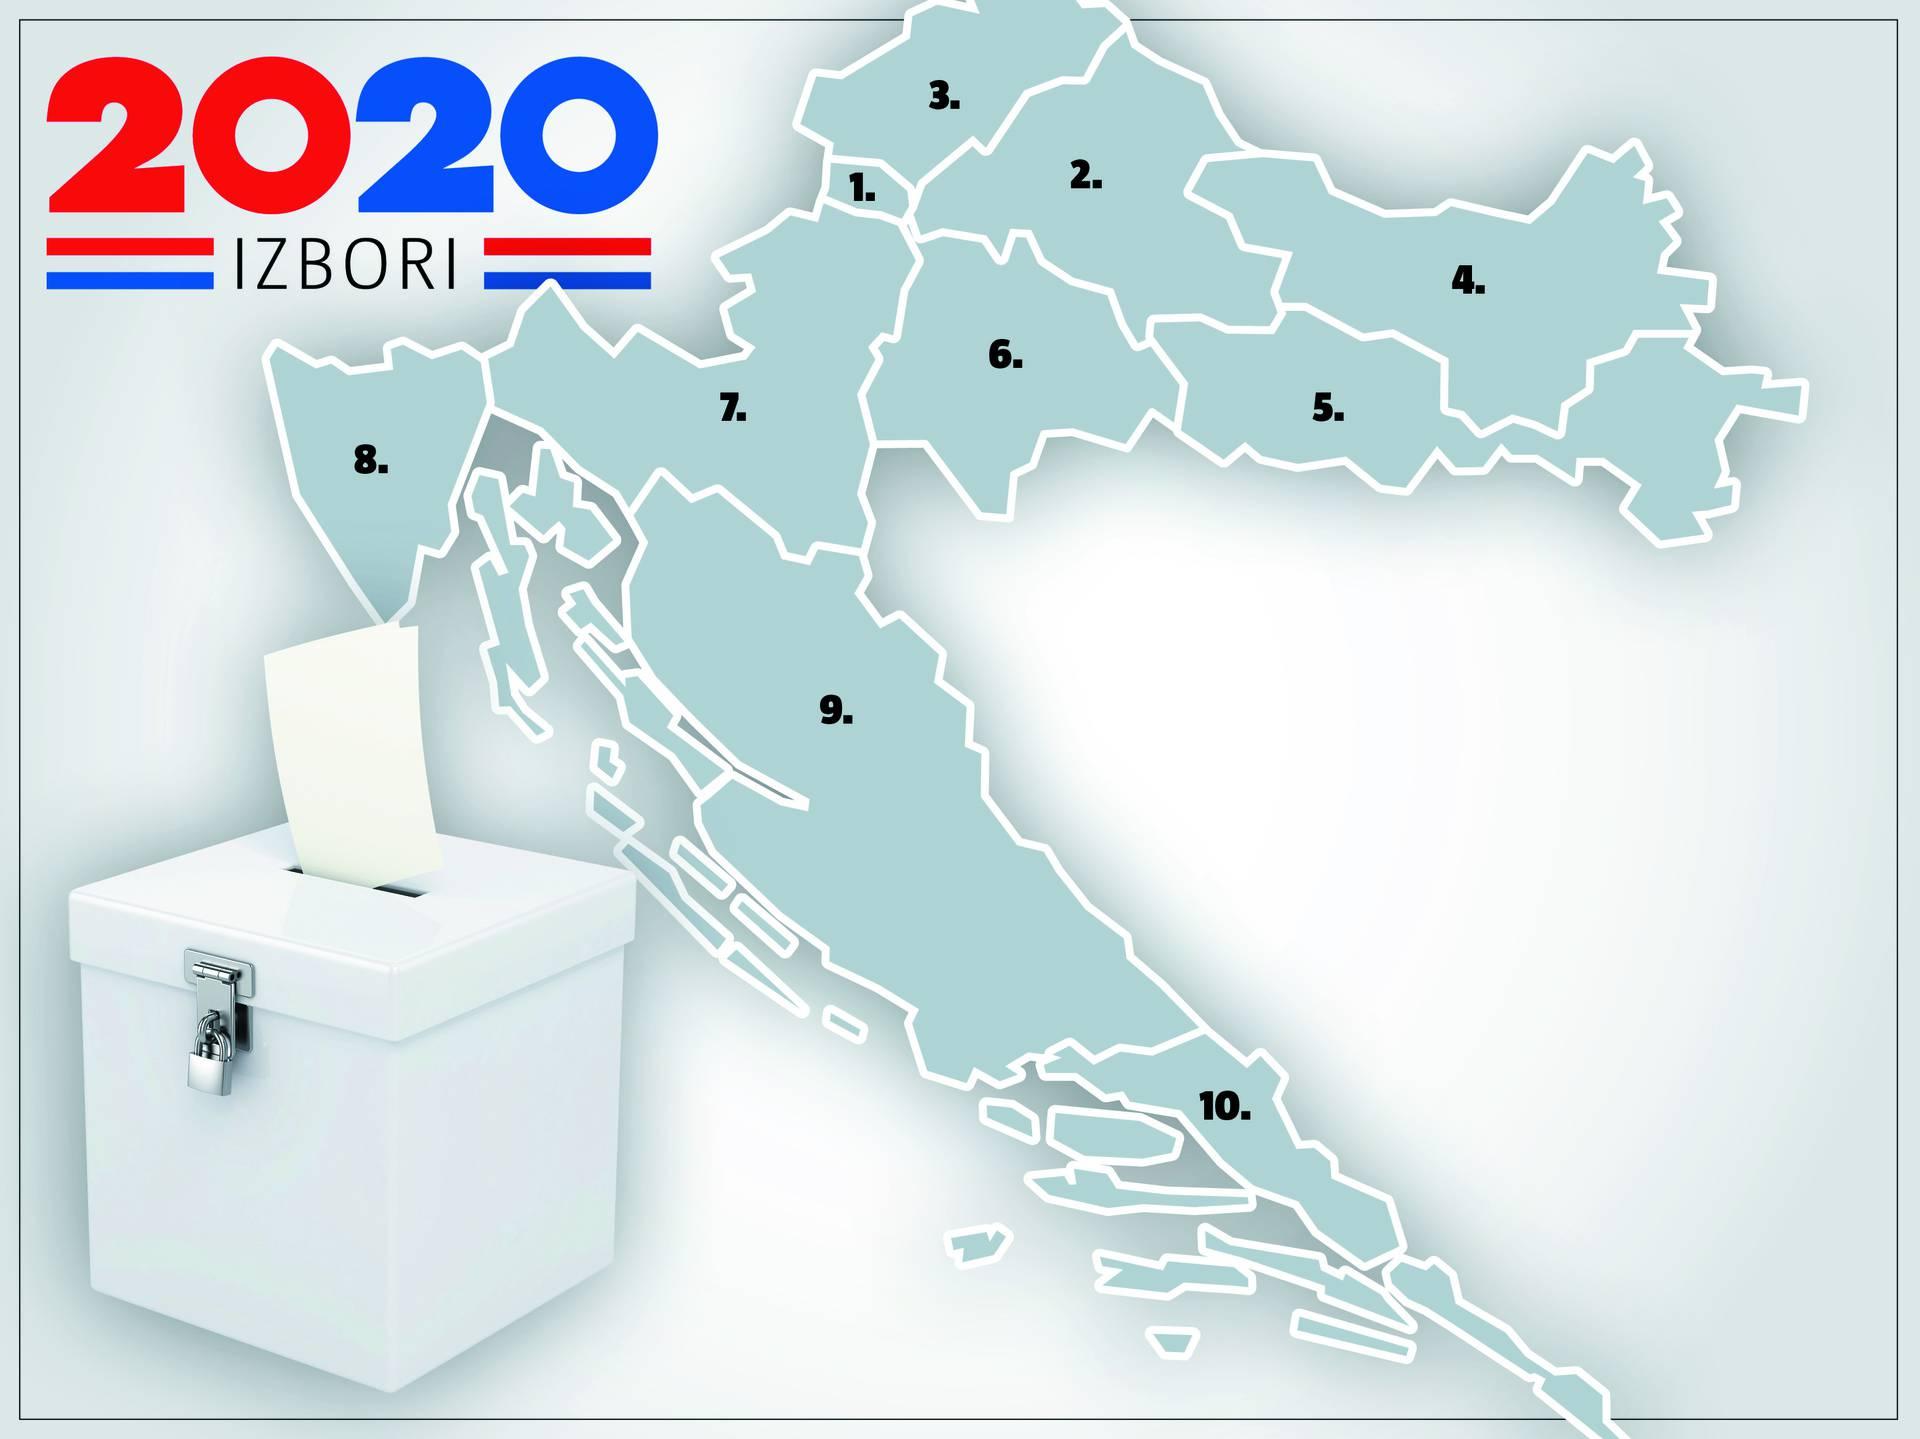 Prebrojani su glasovi: Evo kako je glasala vaša izborna jedinica